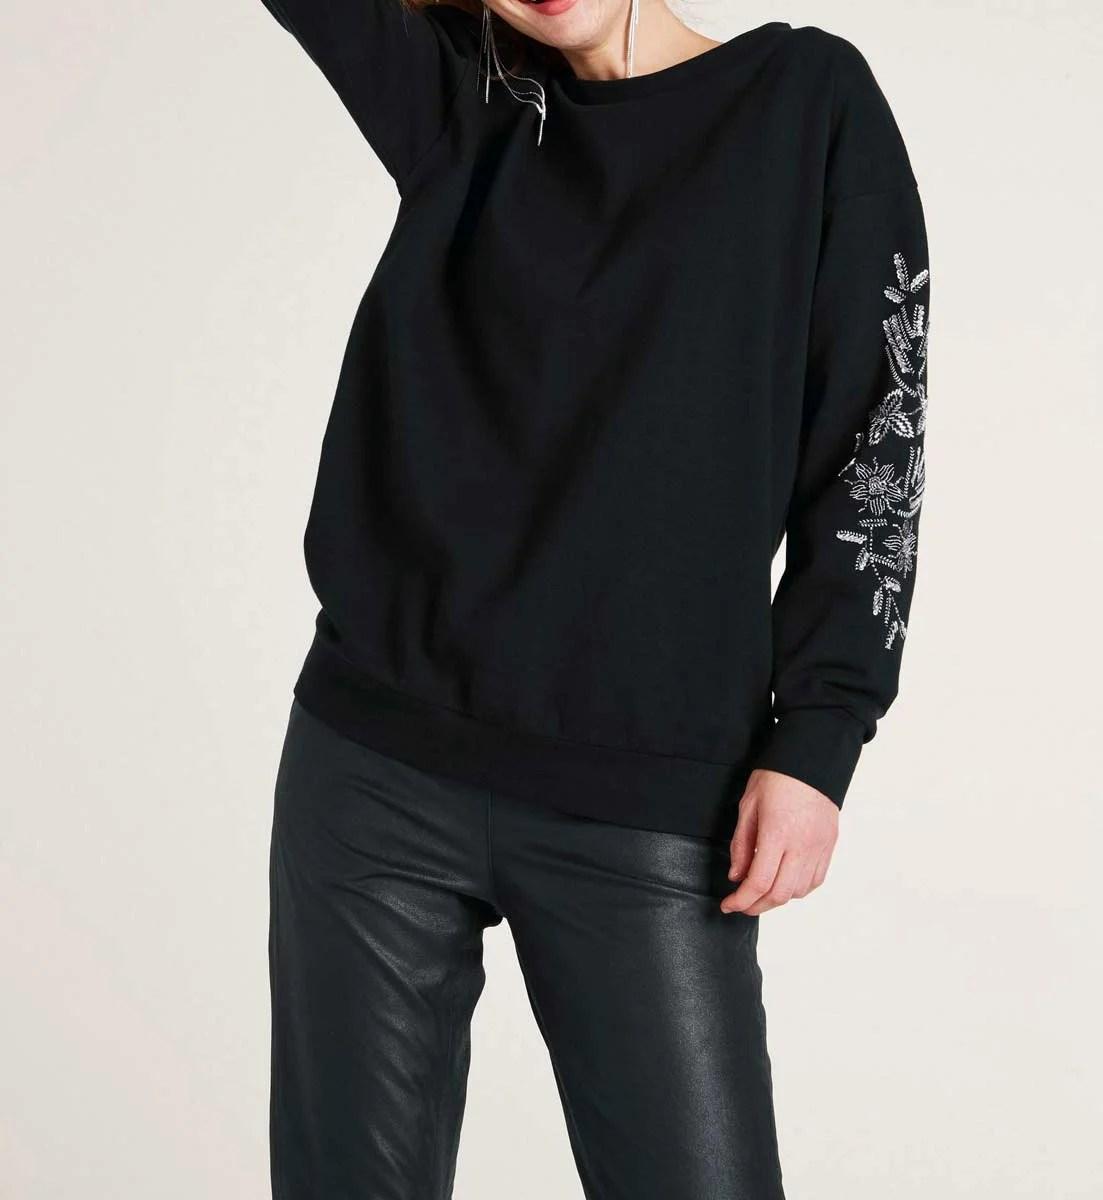 t shirts ohne ärmel RICK CARDONA Damen Designer-Sweatshirt m. Perlen-Stickerei Schwarz 540.675 Missforty